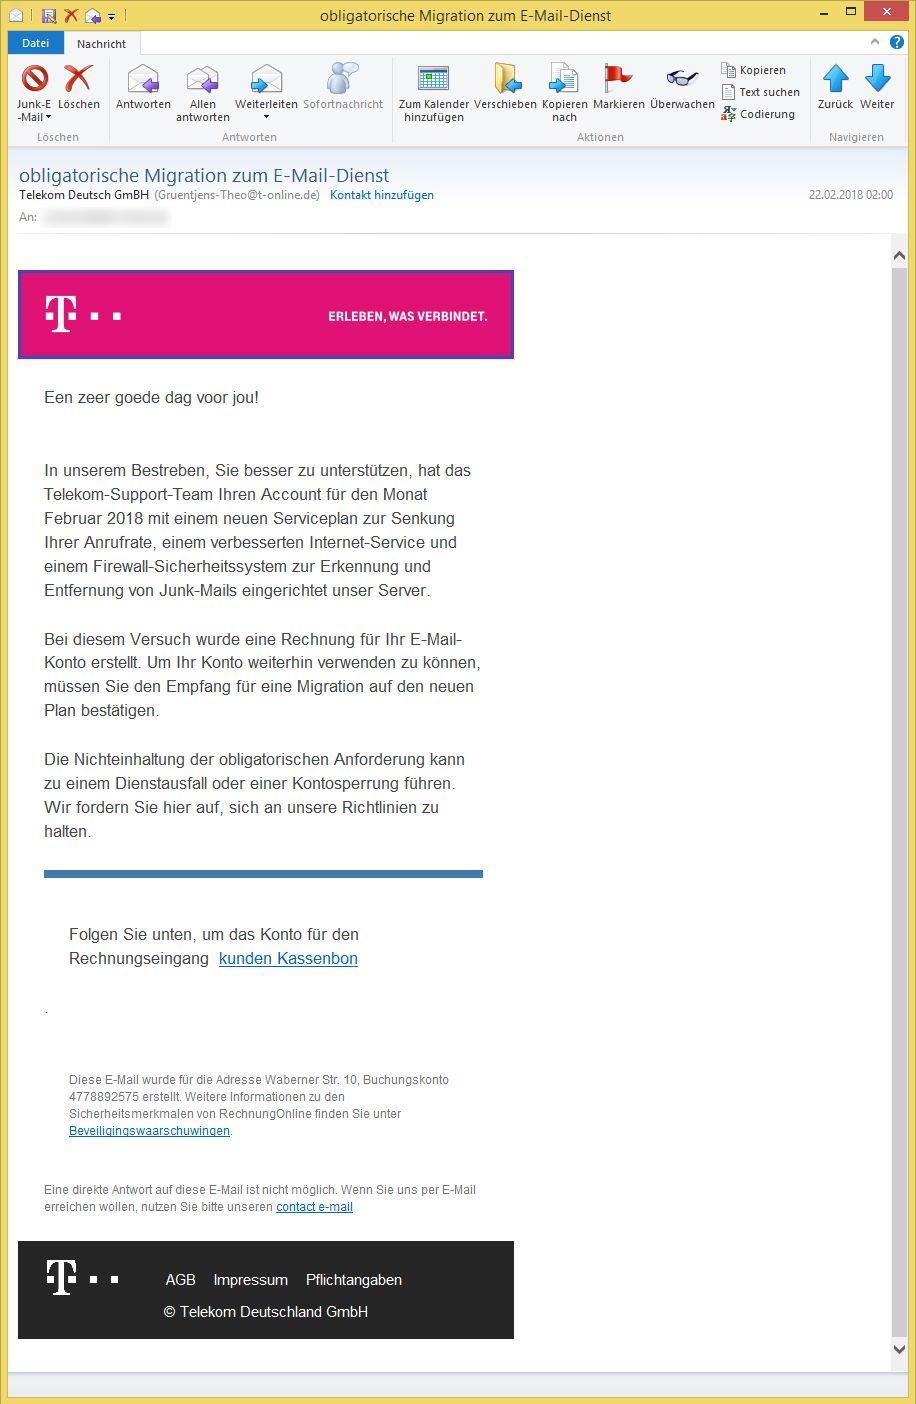 obligatorische migration zum e mail dienst von telekom deutsch gmbh gruentjens theo t. Black Bedroom Furniture Sets. Home Design Ideas